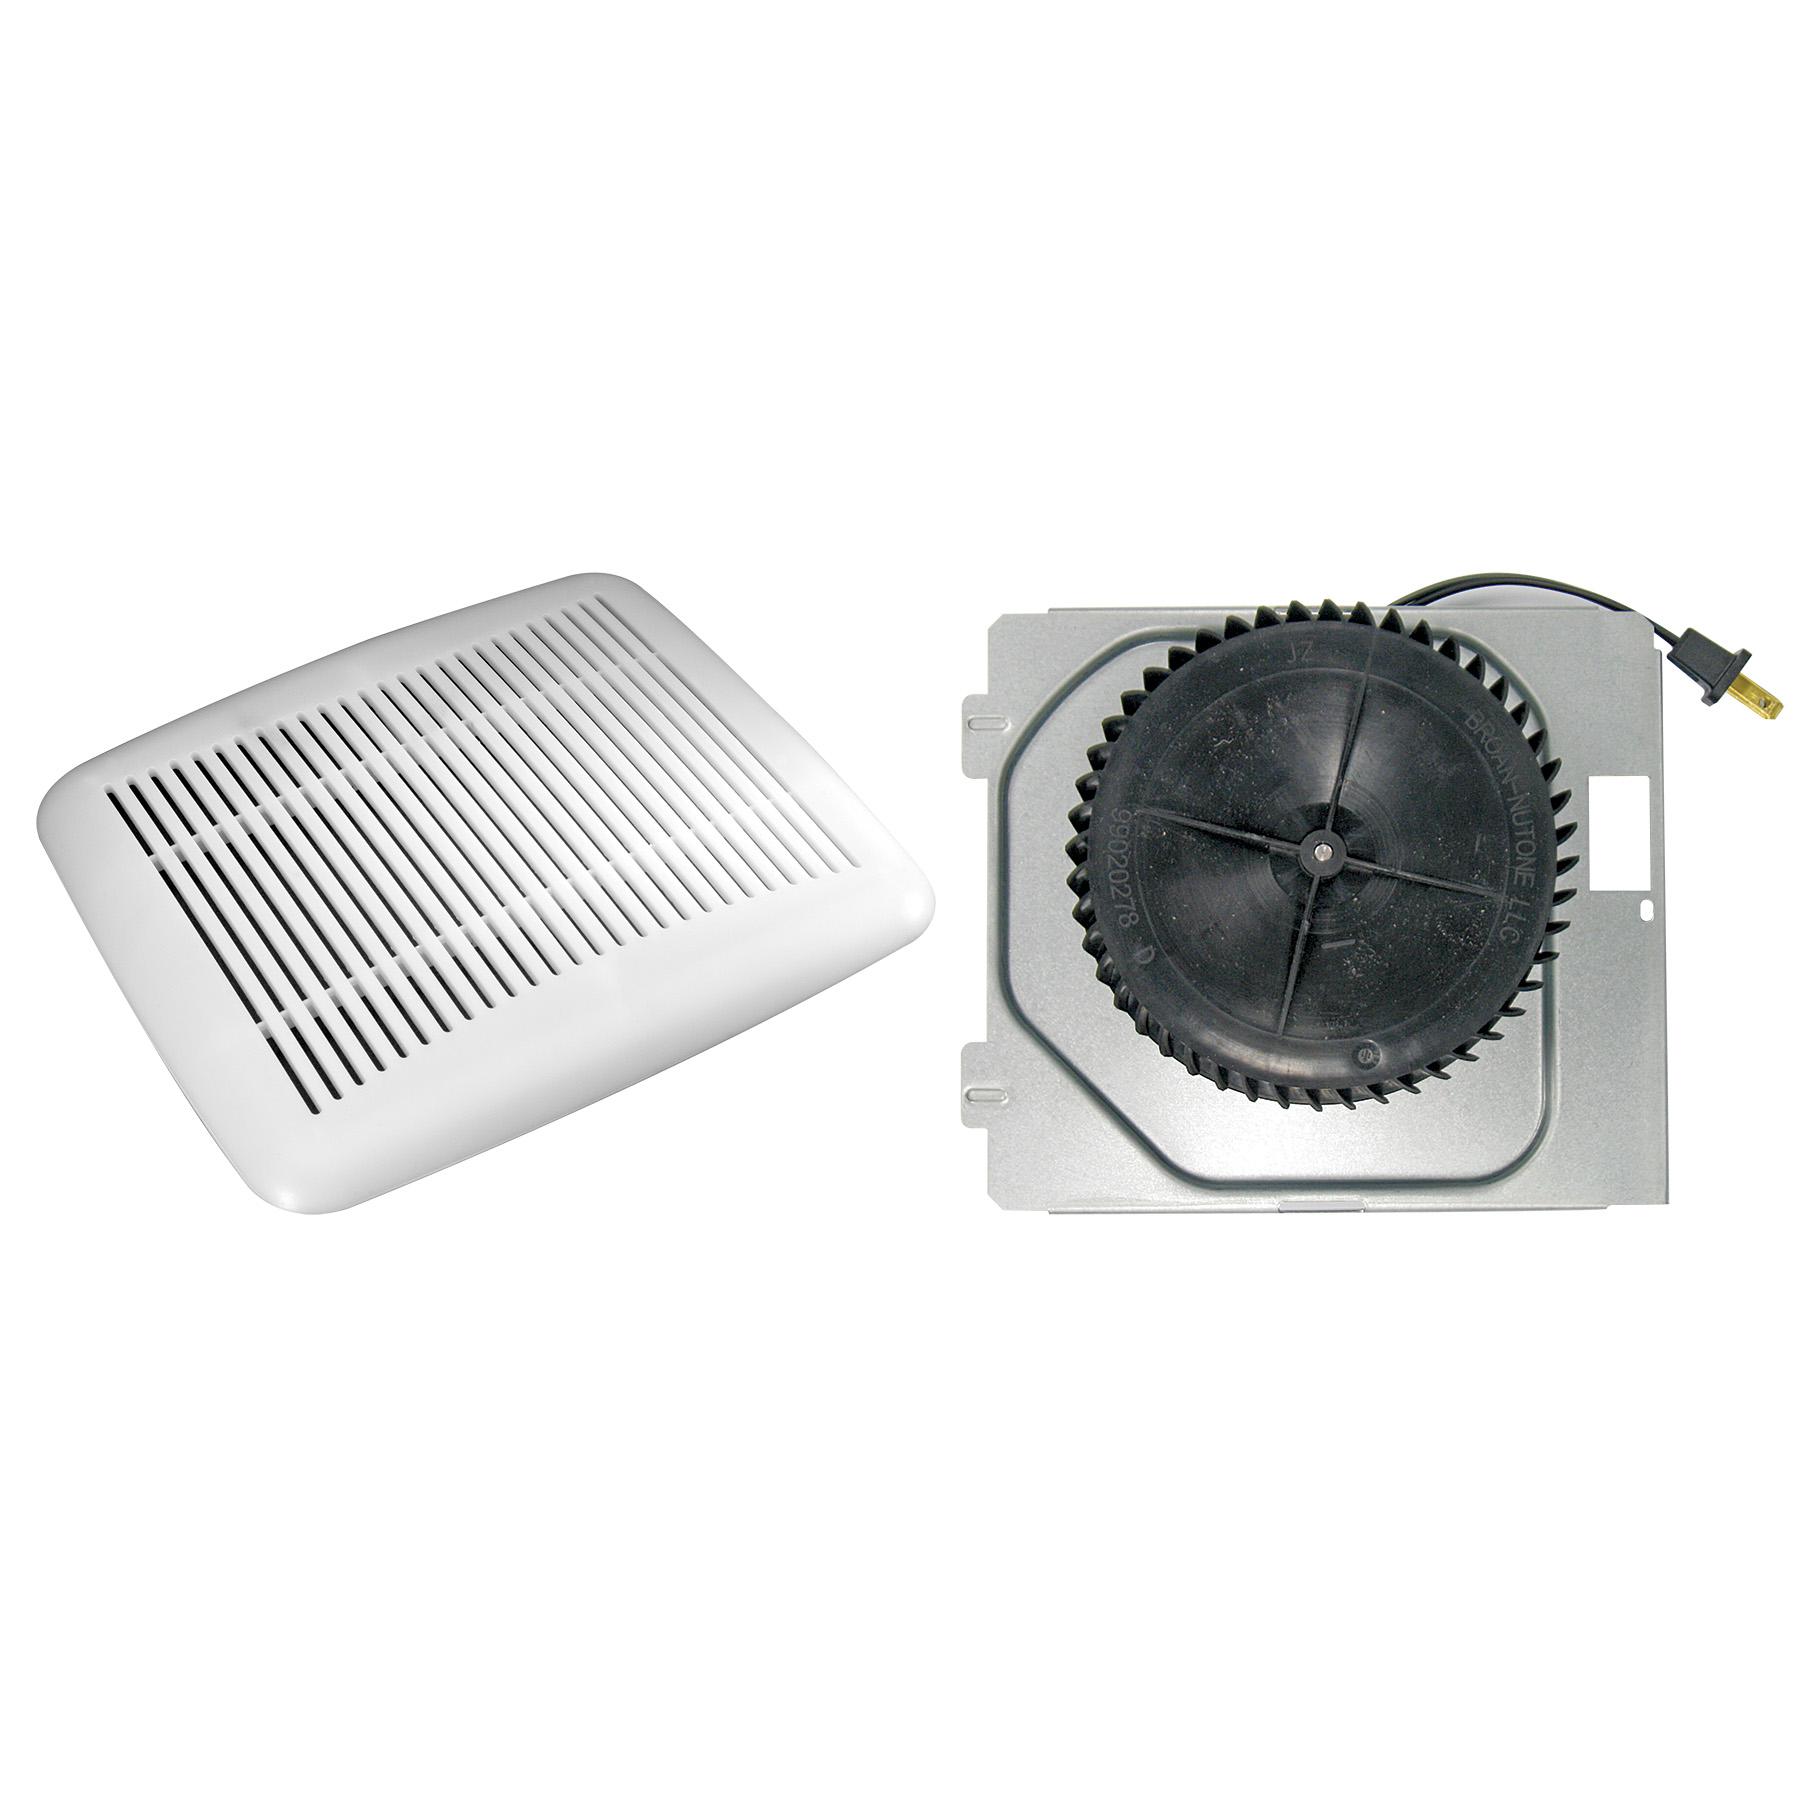 nutone 60 cfm bath fan upgrade kit